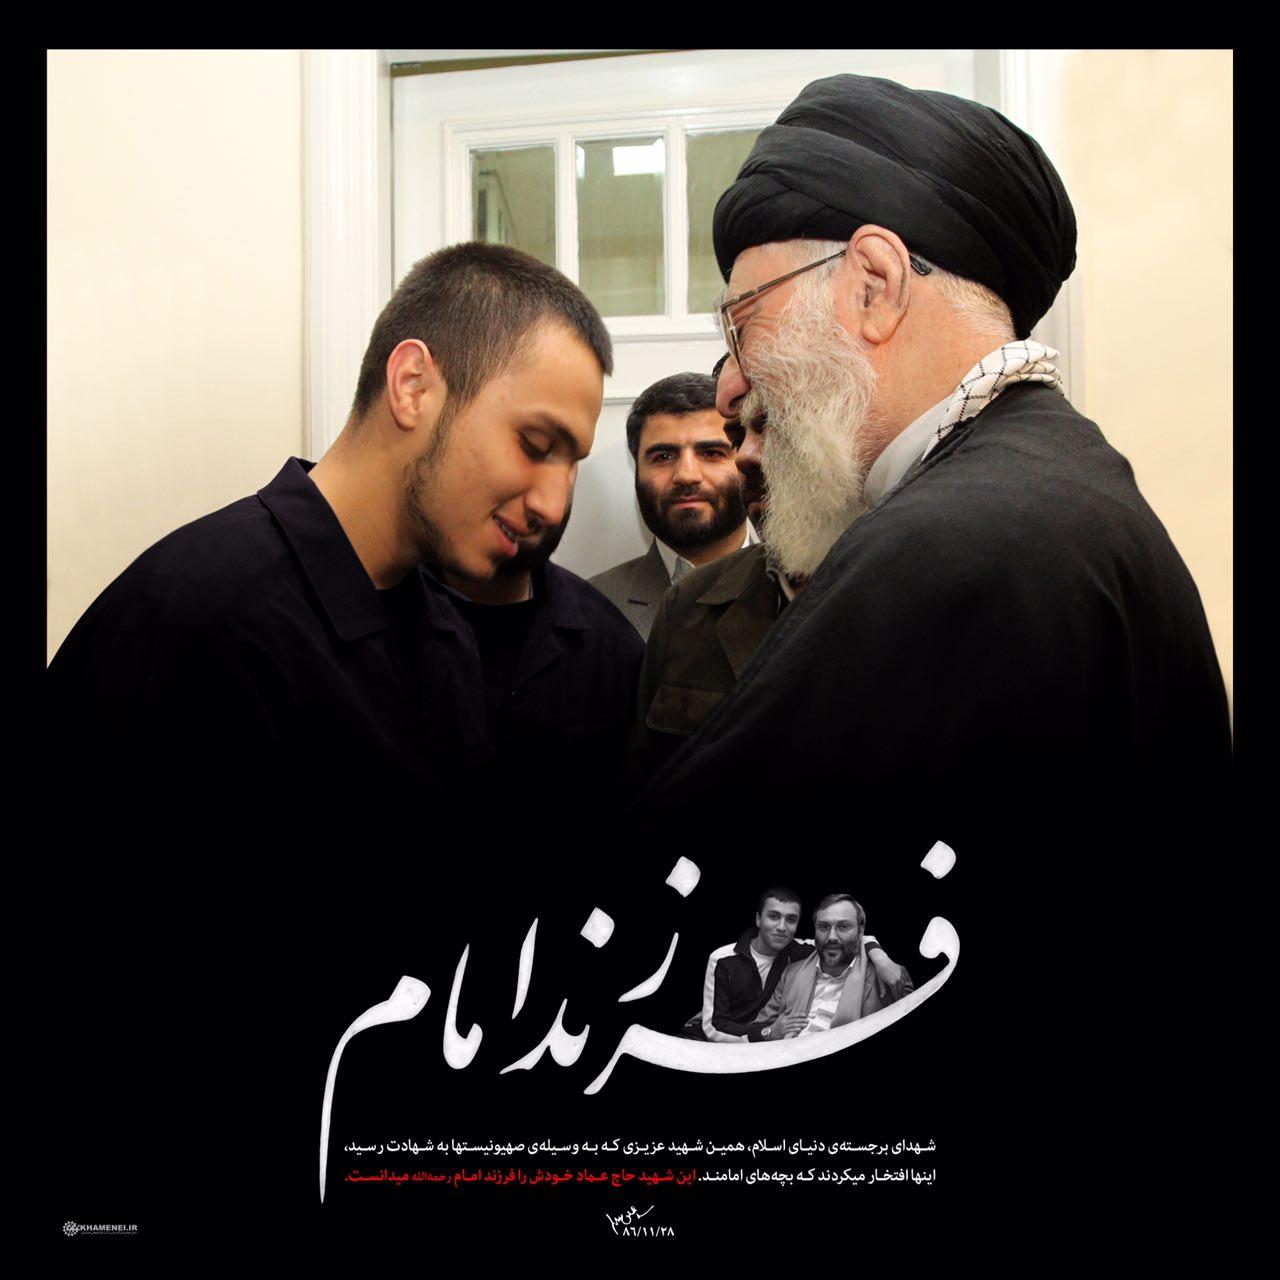 آهنگی درباره شهید جهاد مغنیه + دانلود